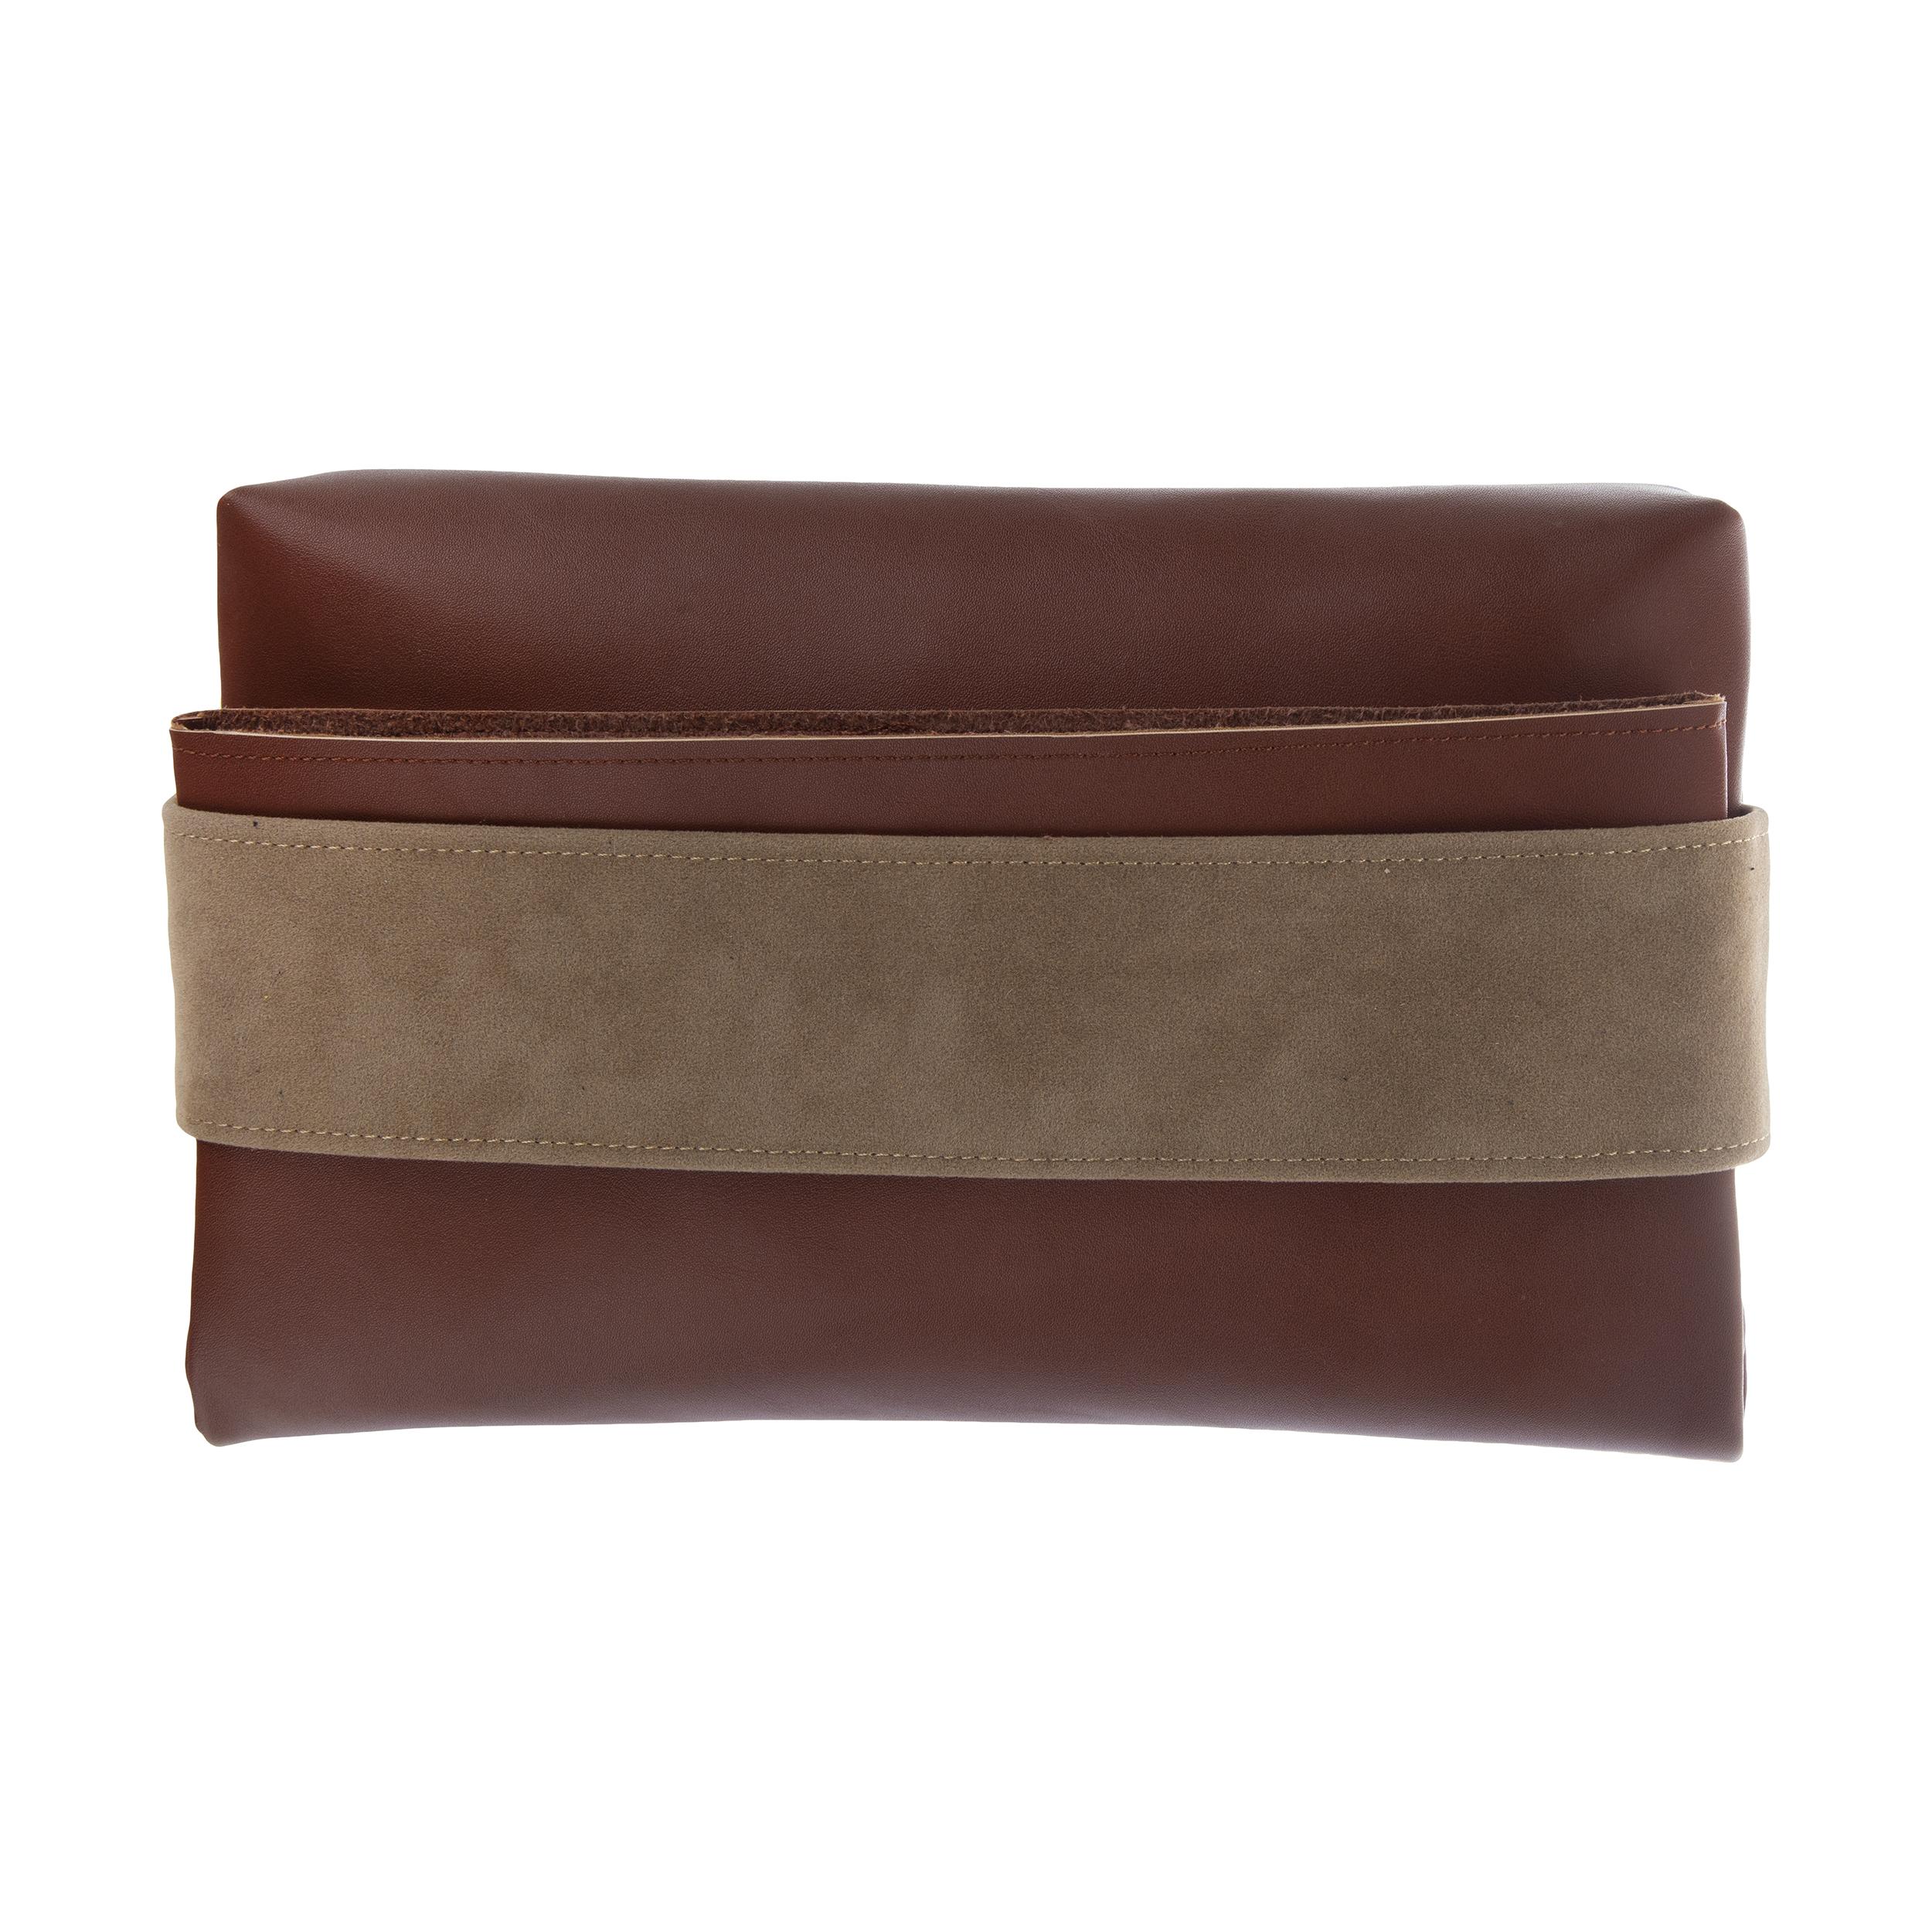 کیف دستی زنانه رد دیزاین کد 0001